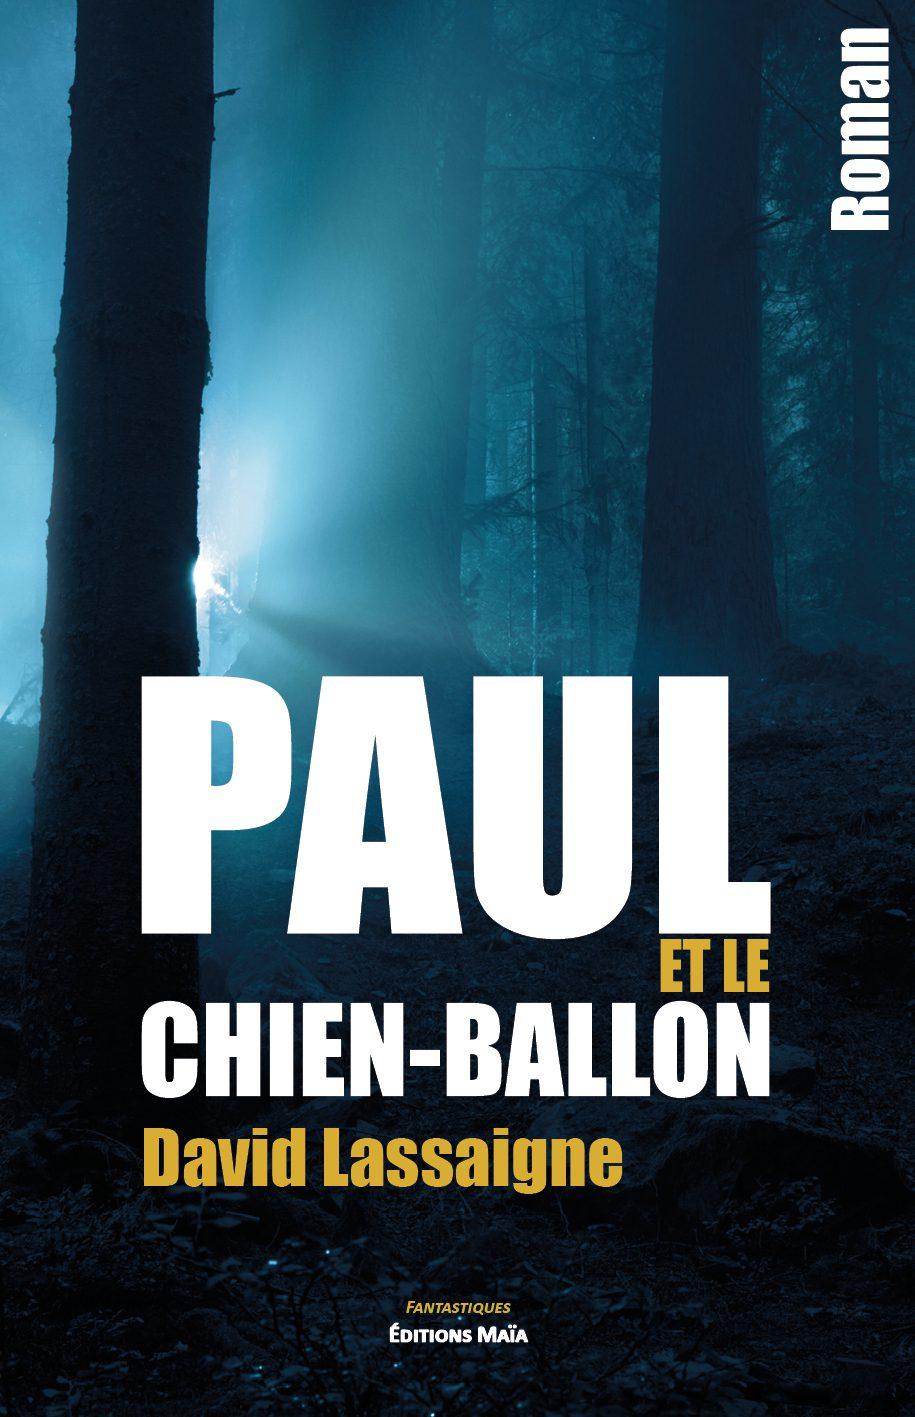 Entretien avec David Lassaigne – Paul et le chien-ballon